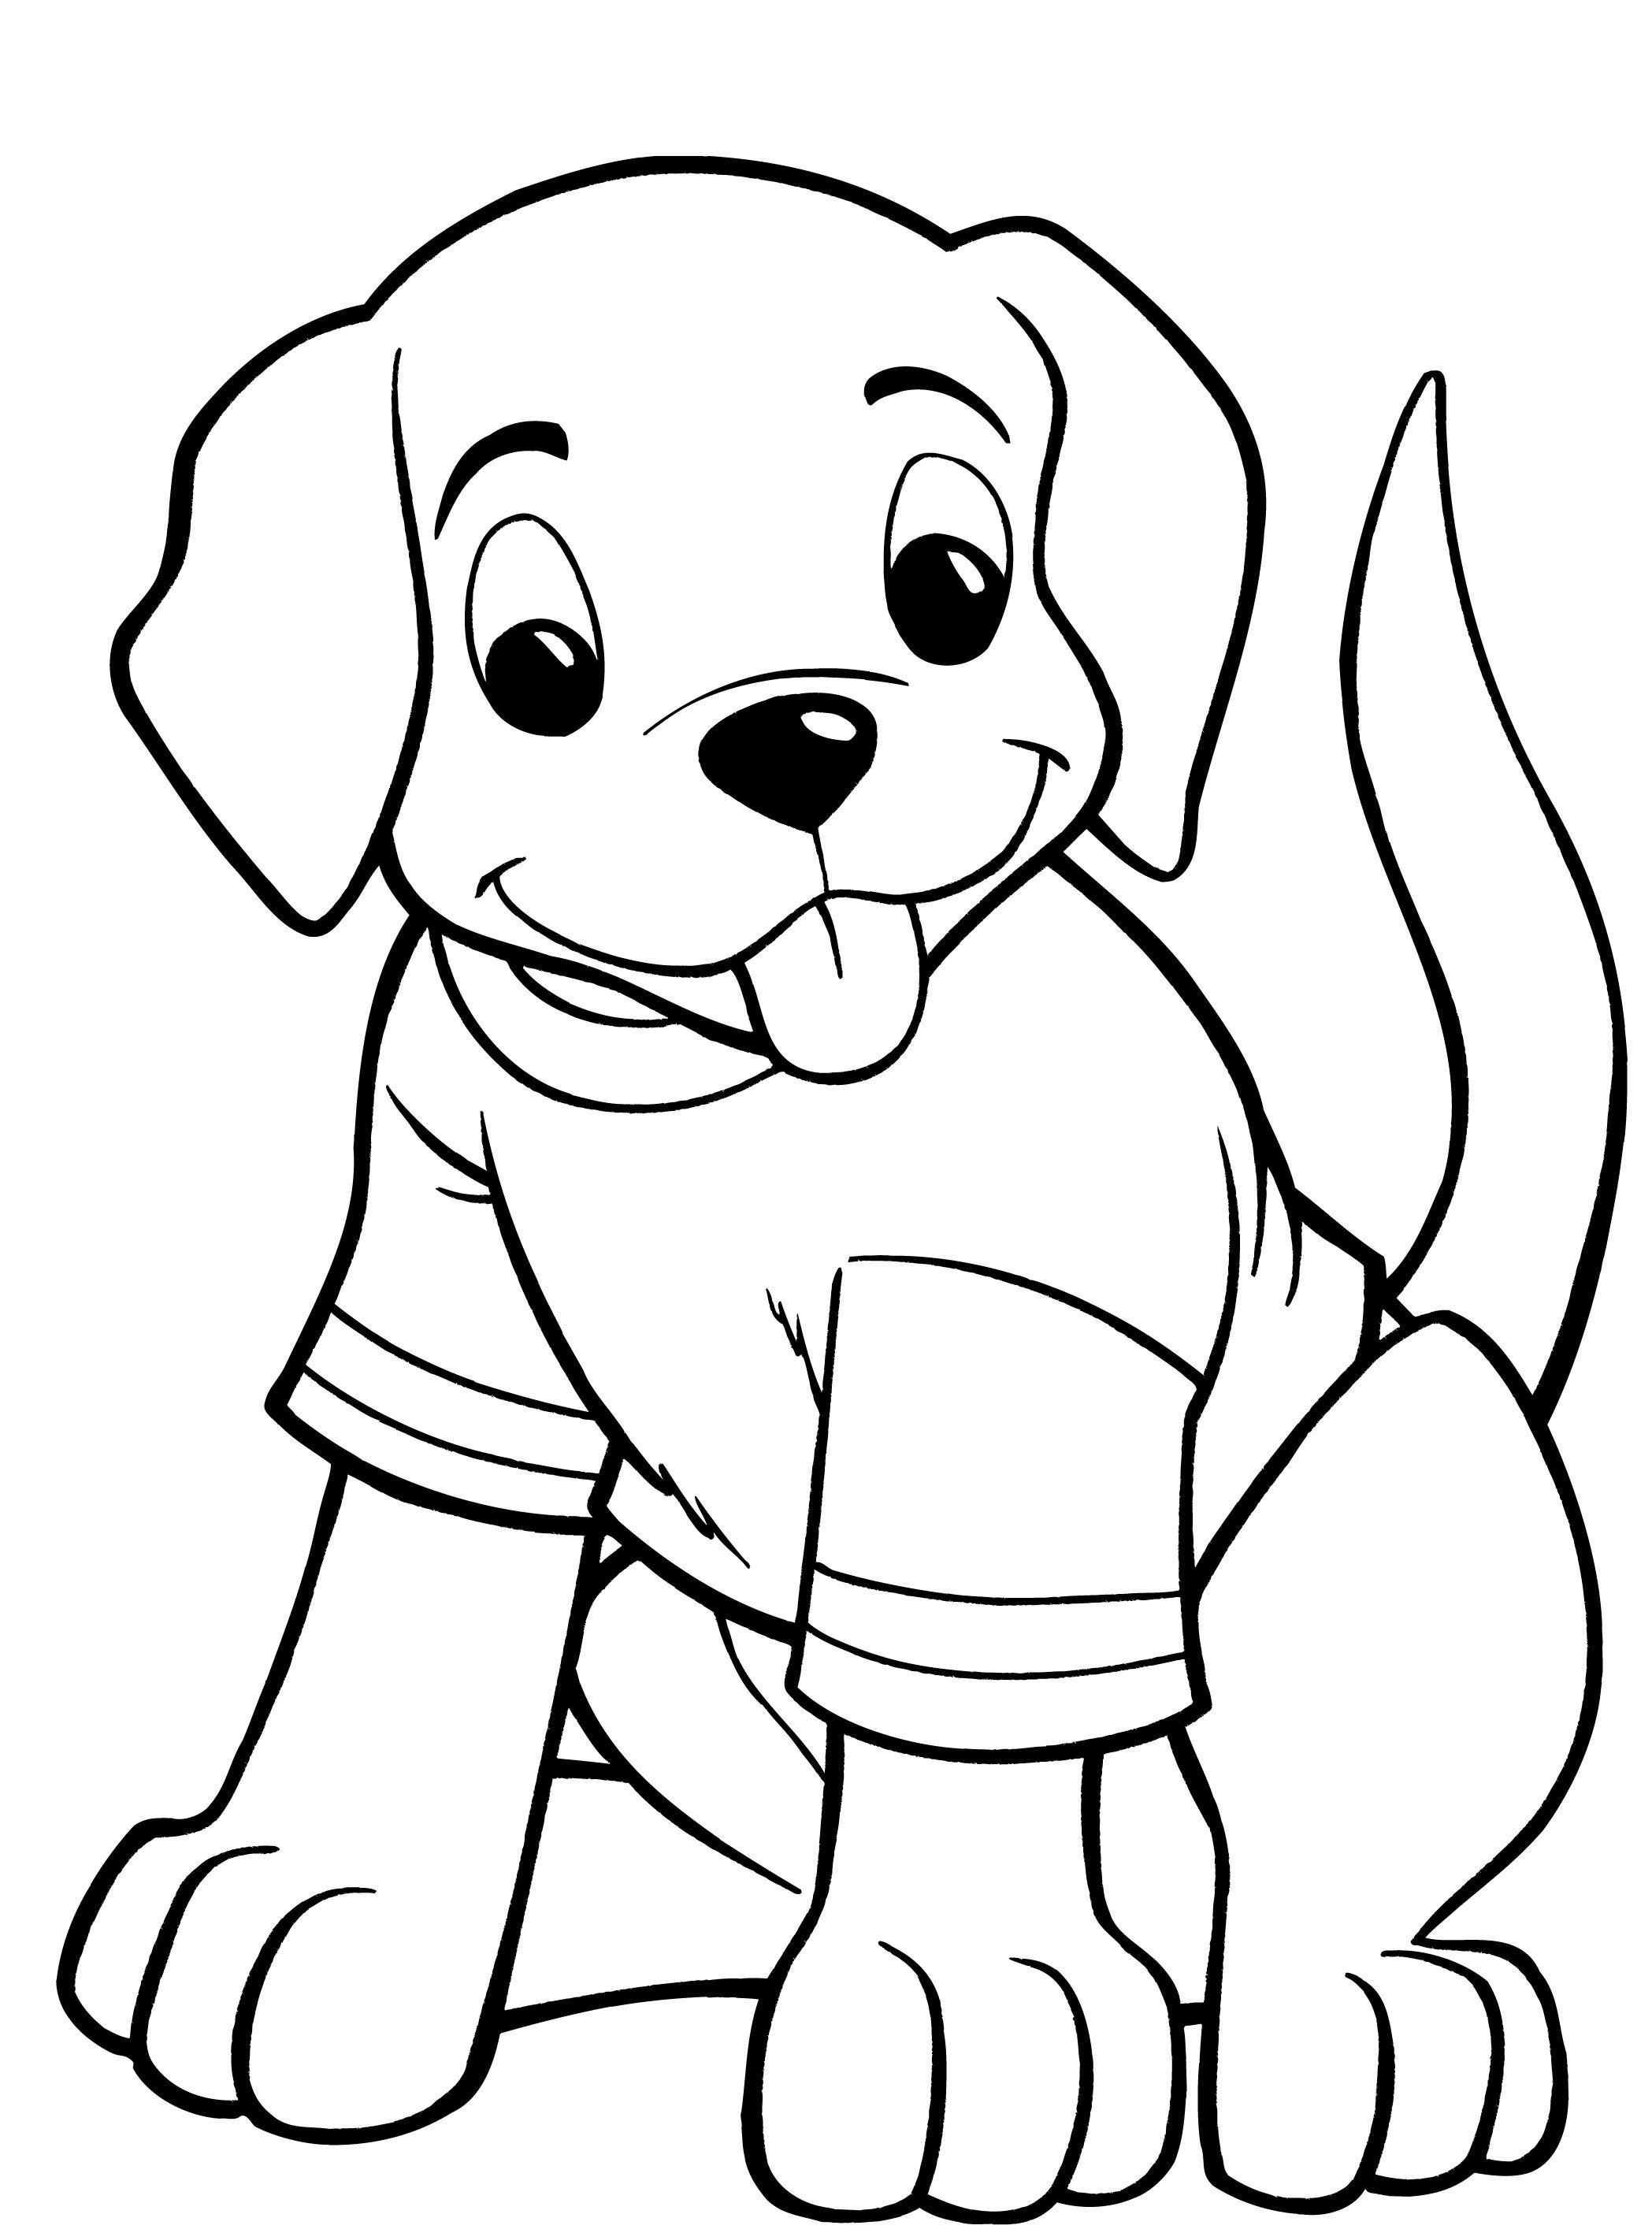 Free Coloring Pages Of Cute Puppies  Köpek Boyama Resimleri 2017